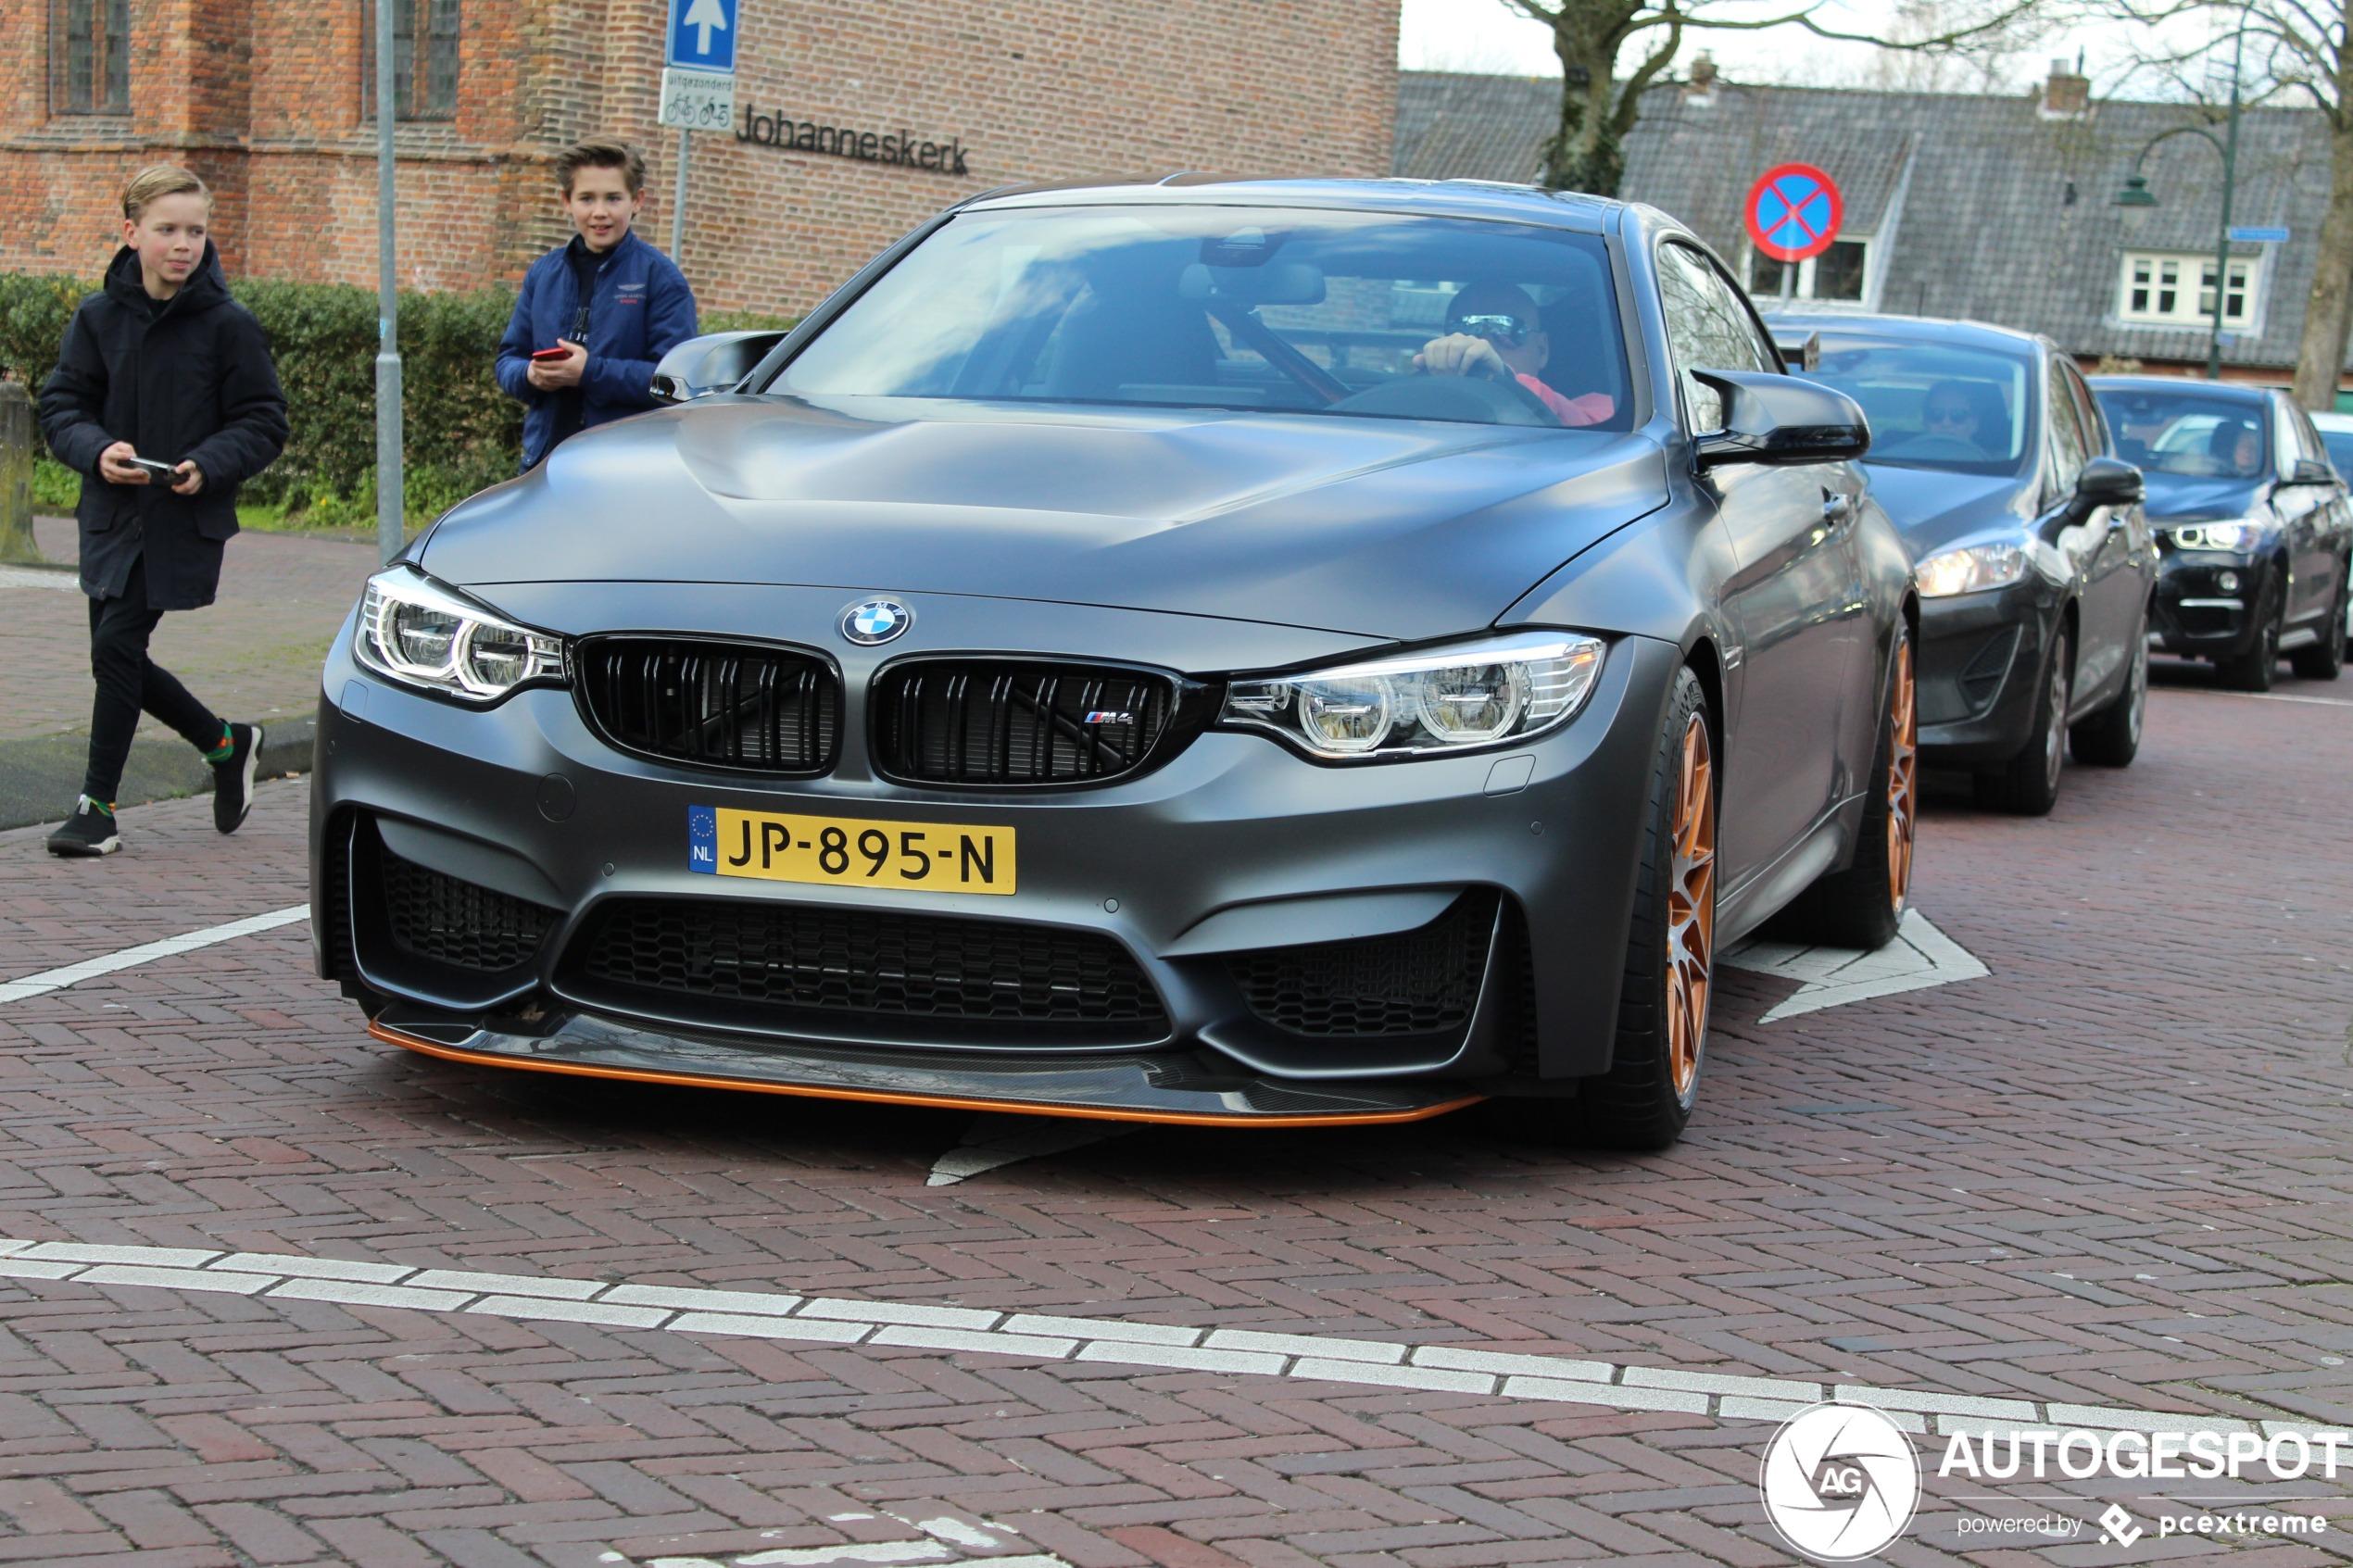 BMW M4 GTS - 15 maart 2020 - Autogespot